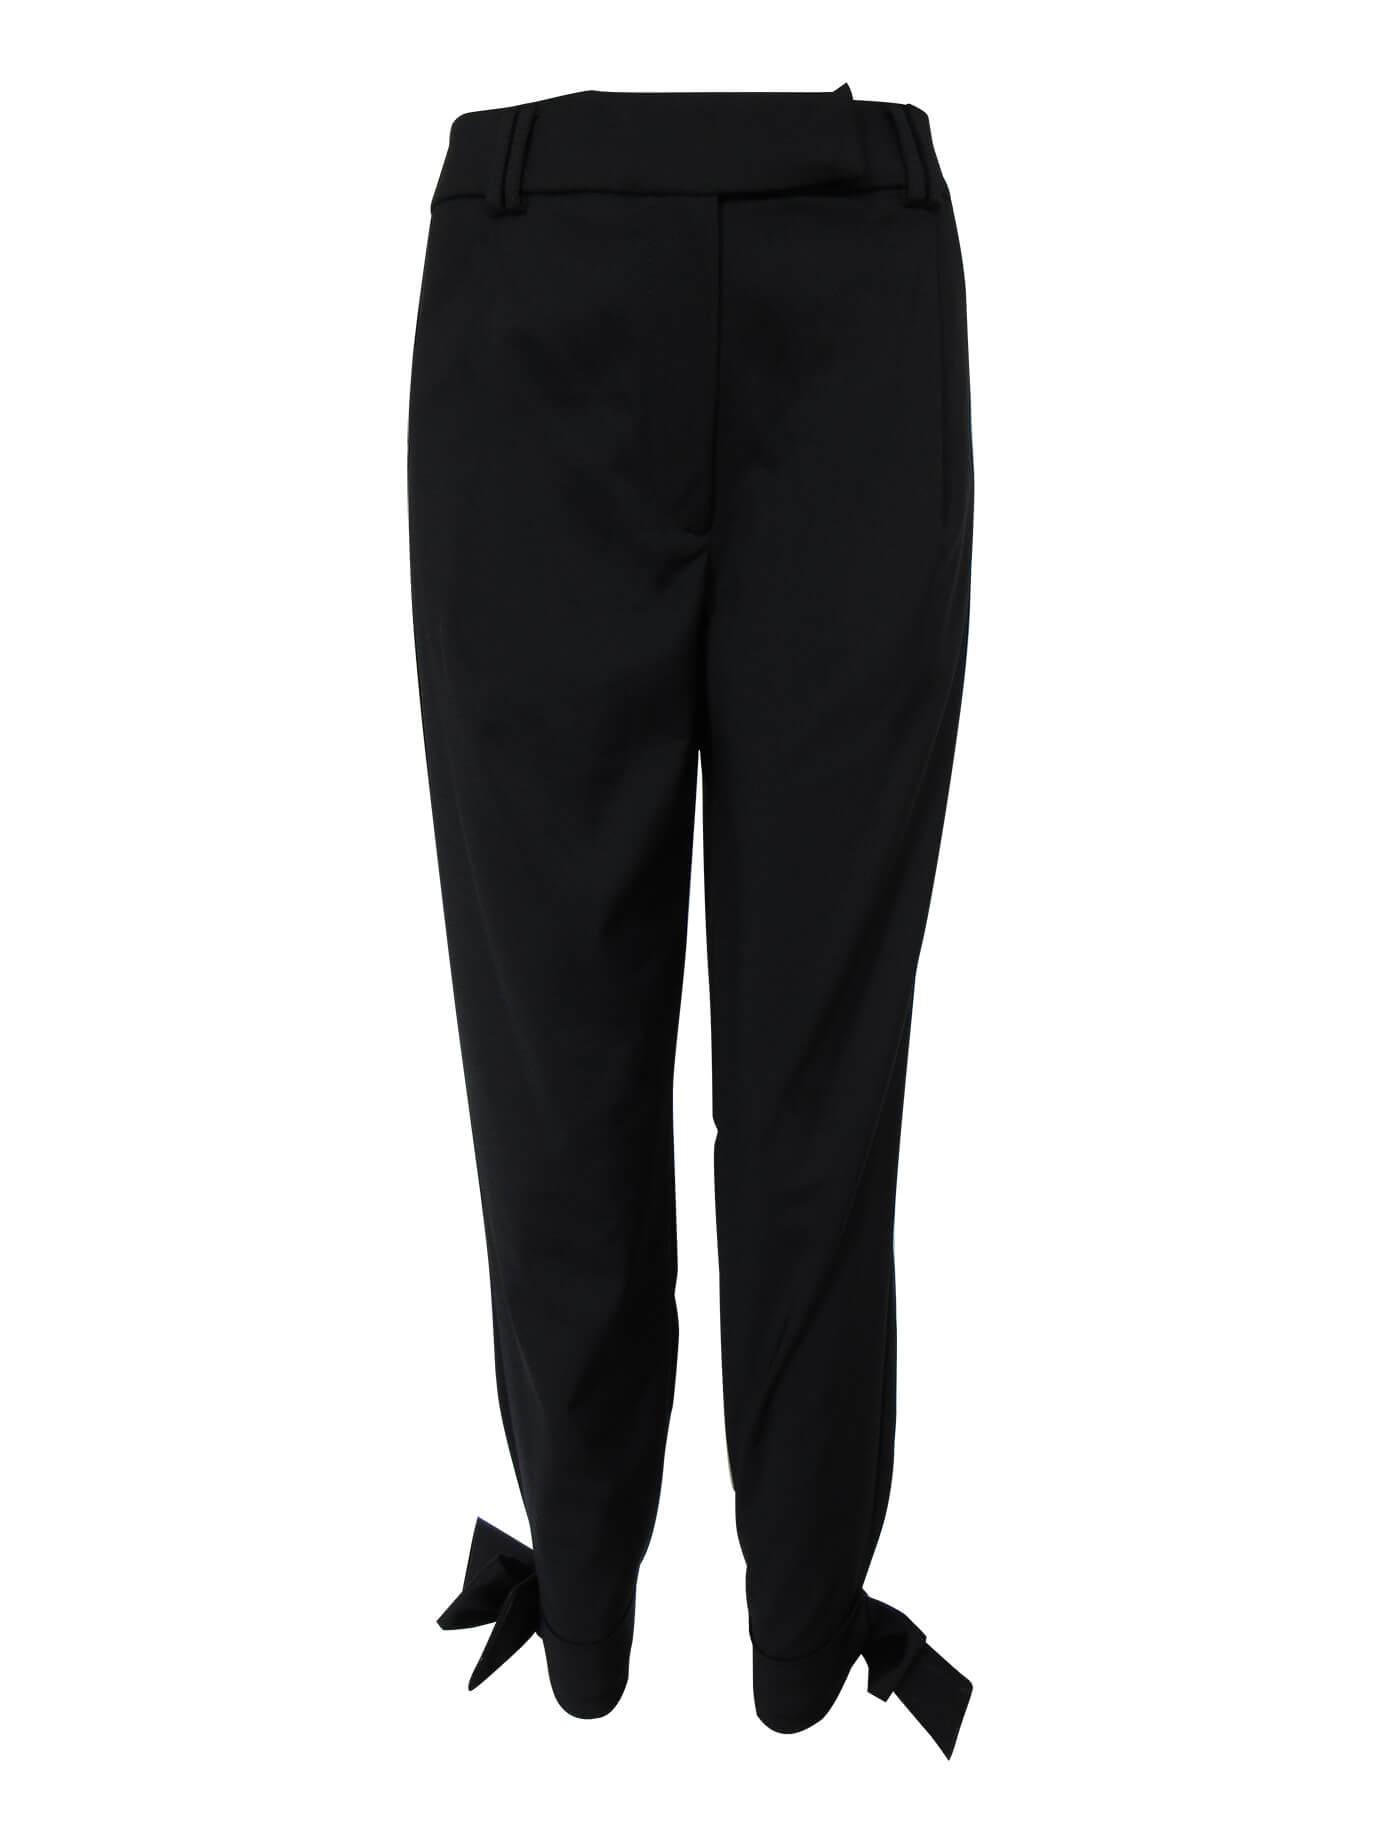 padova-pantalon-magnolia-negro-01